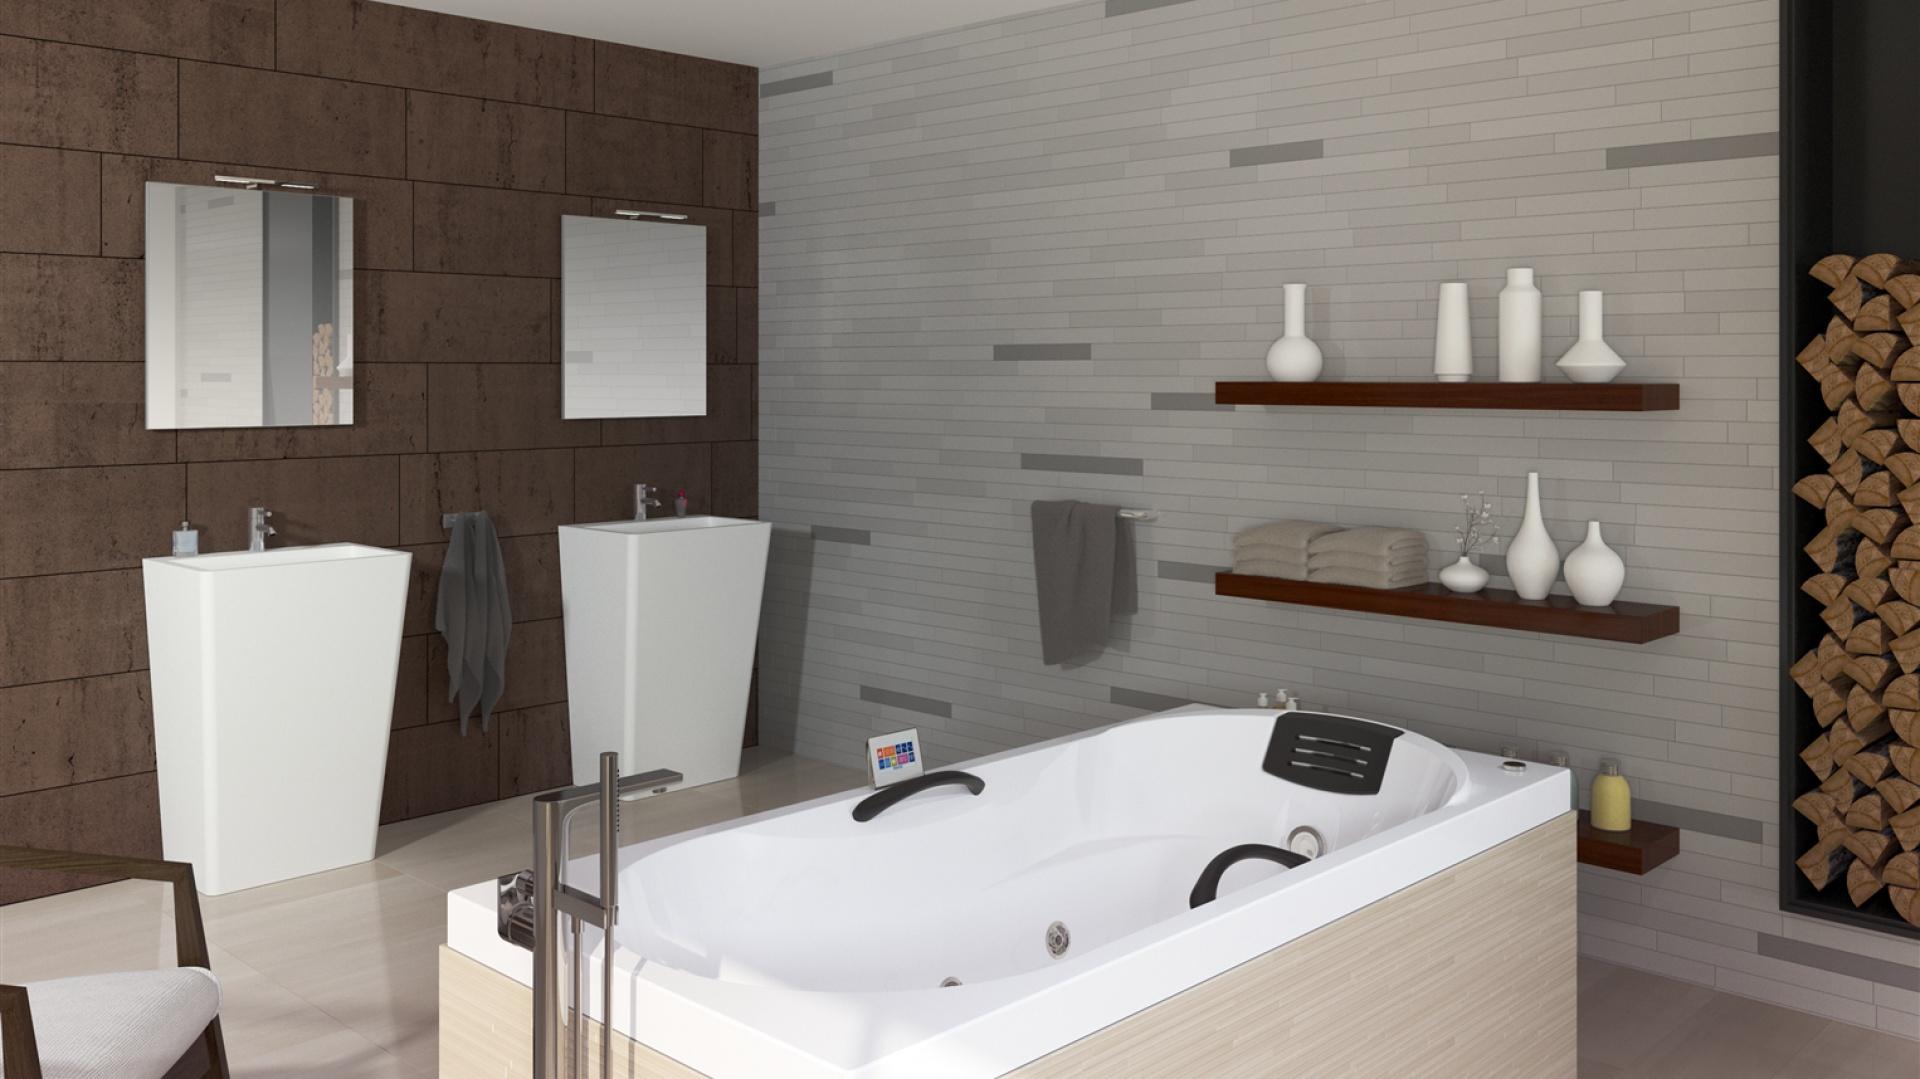 Wanna z hydromasażem DANA (z serii Thermae Line) świetnie się sprawdzi w łazienkach w skandynawskim stylu. W aranżacji na zdjęciu zestawiono ją z naturalnymi, spokojnymi kolorami - beżami i brązami. Fot. Riho.